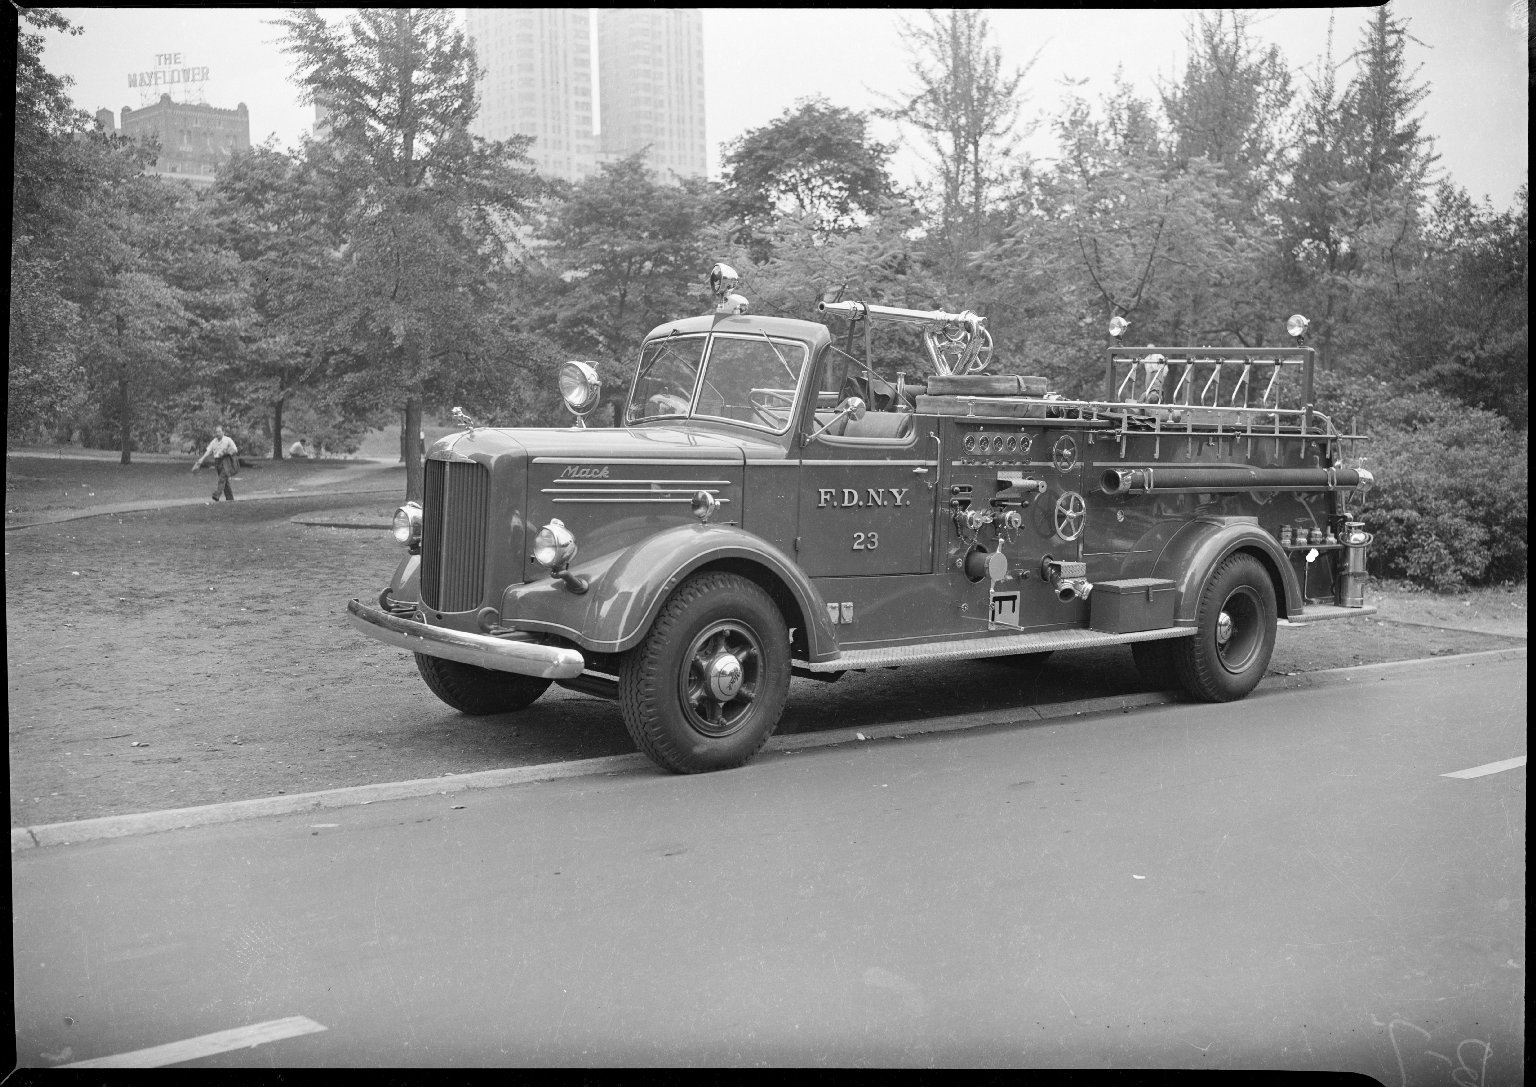 Пожарный автомобиль Mack, Нью-Йорк, США. 1947 год